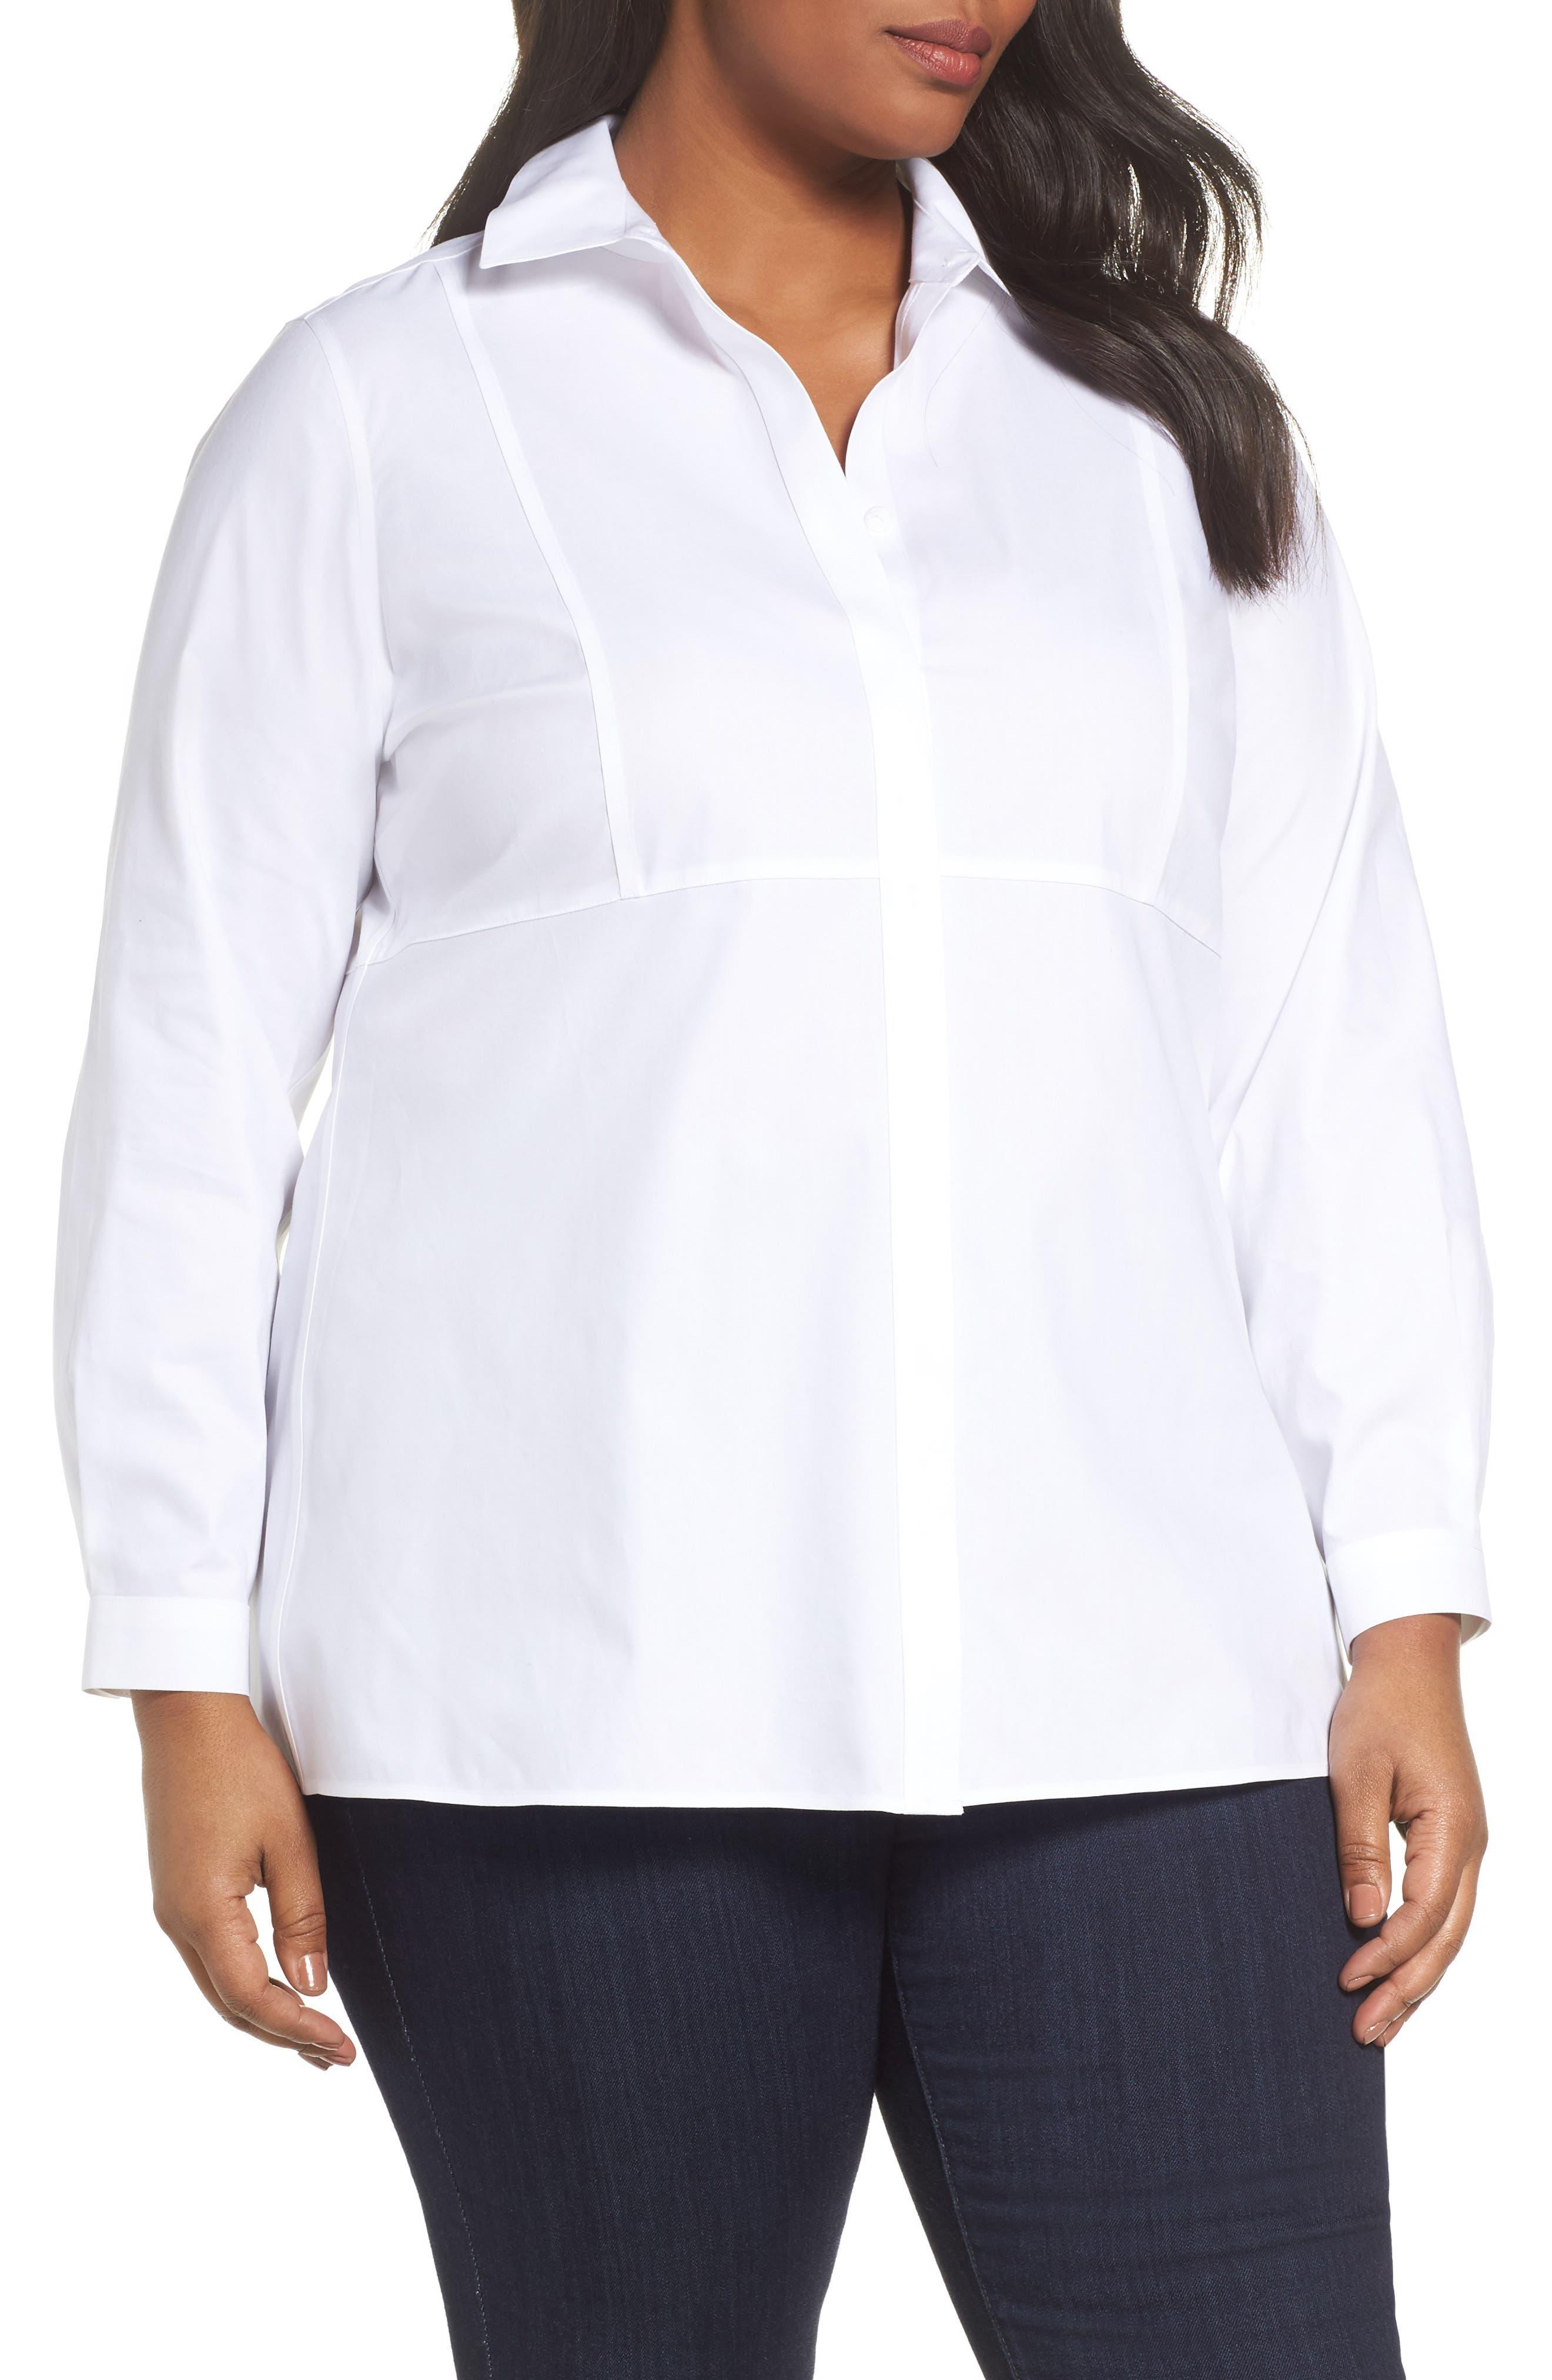 Pinpoint Oxford Cloth Shirt,                             Main thumbnail 1, color,